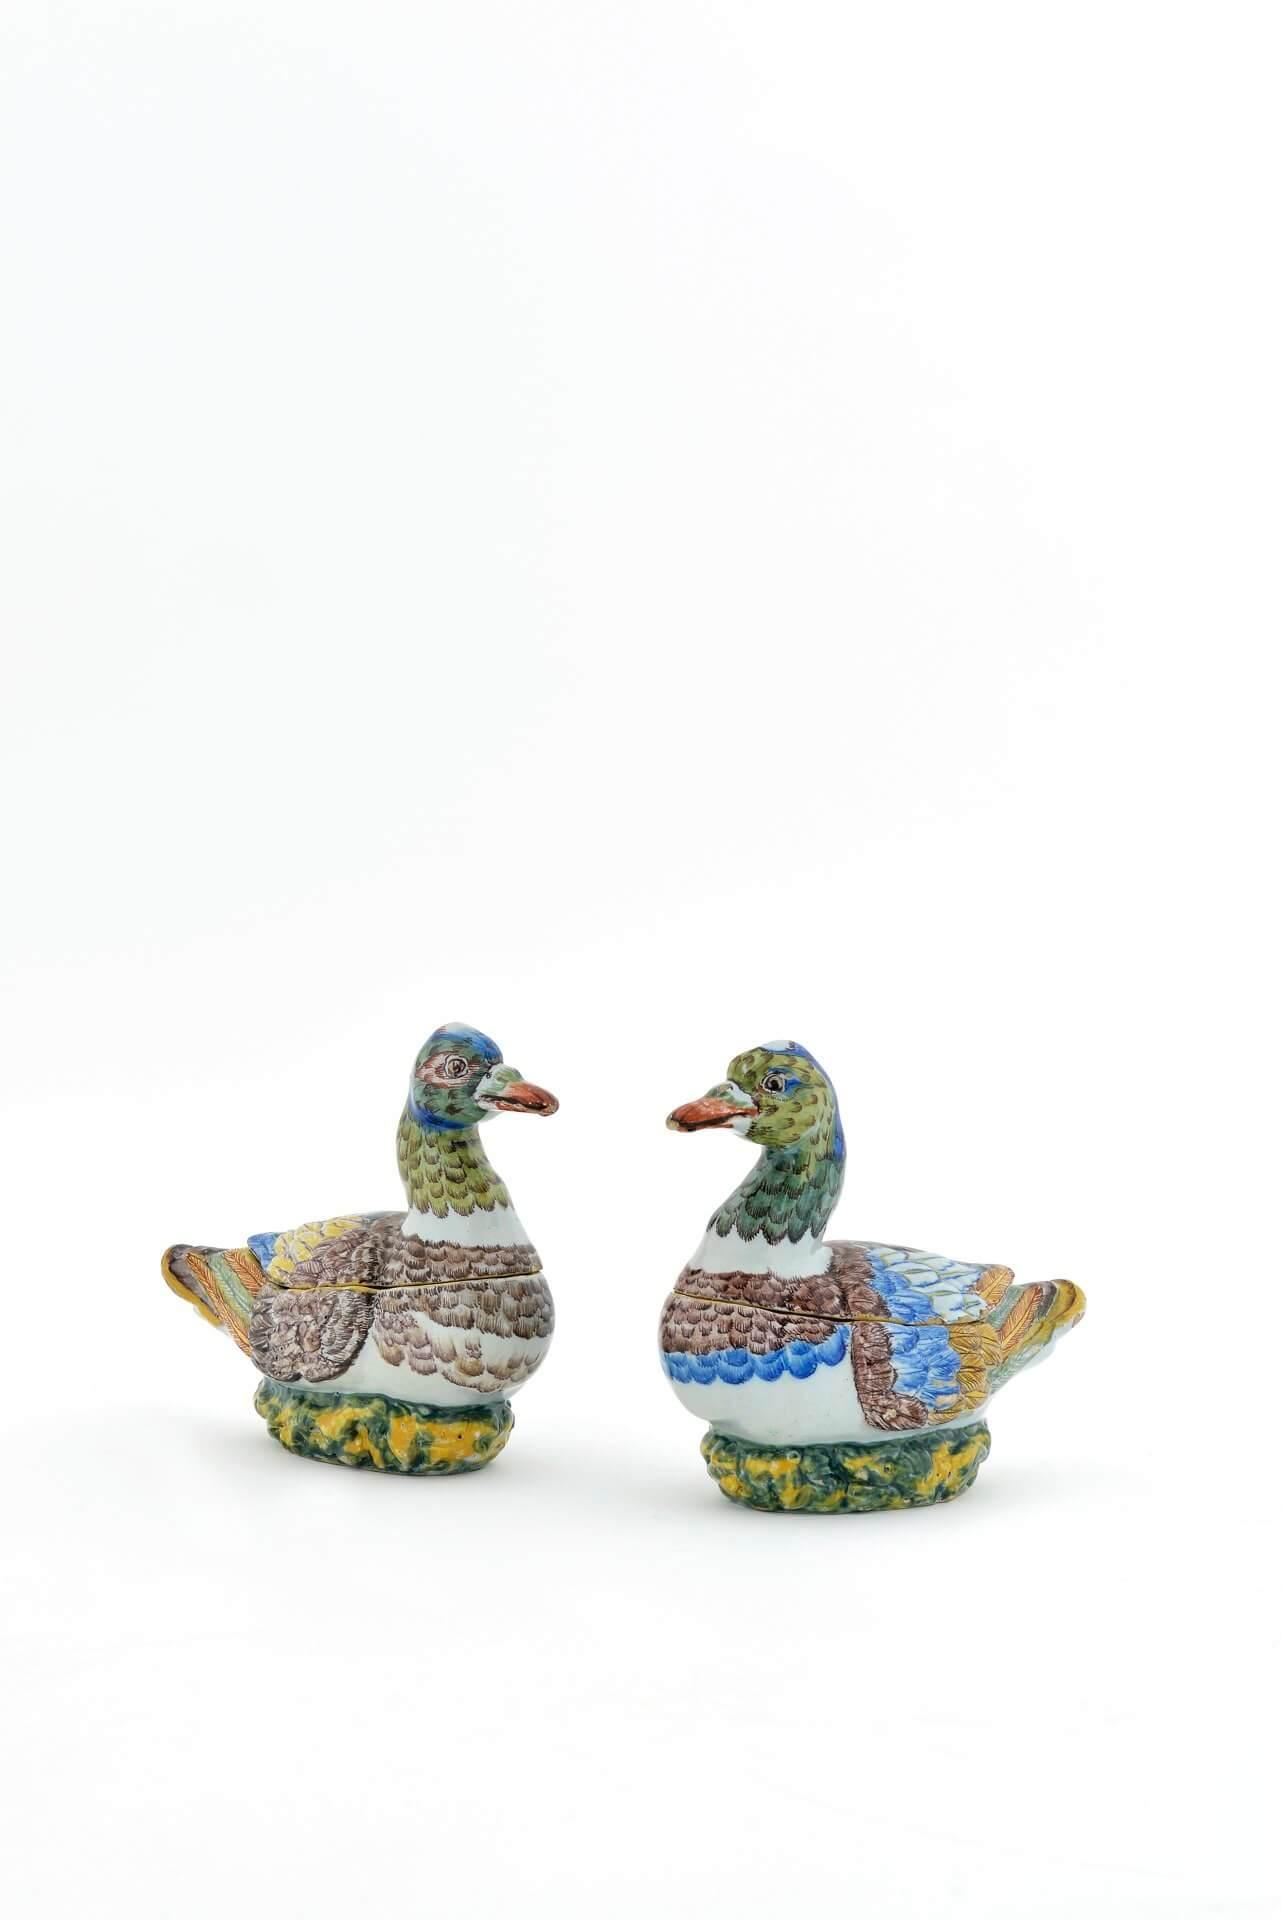 Delftware pottery of duck tureens